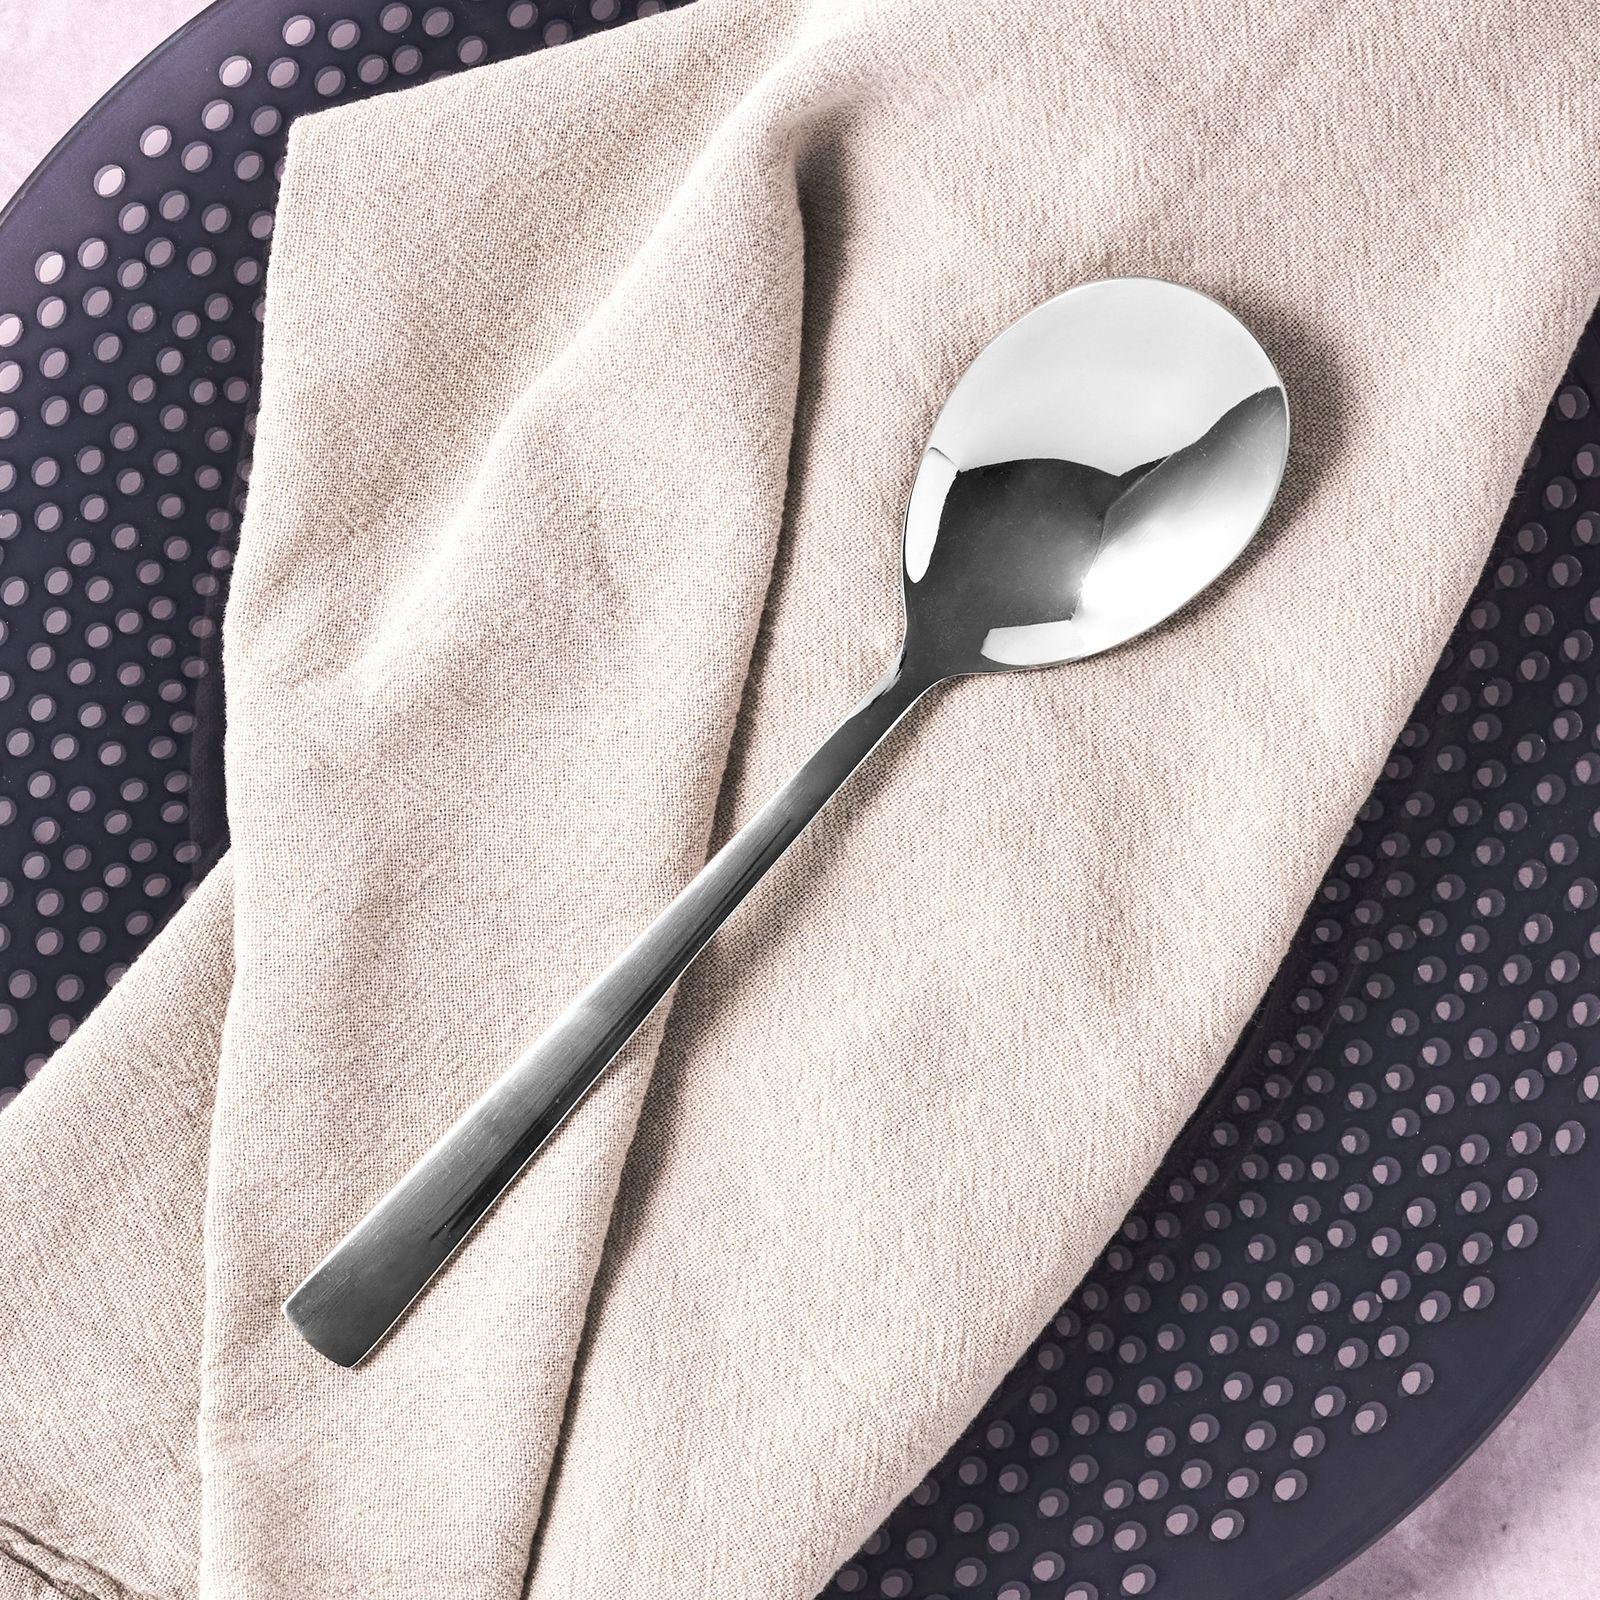 Cuchara de servir ensalada Prato AMBITION